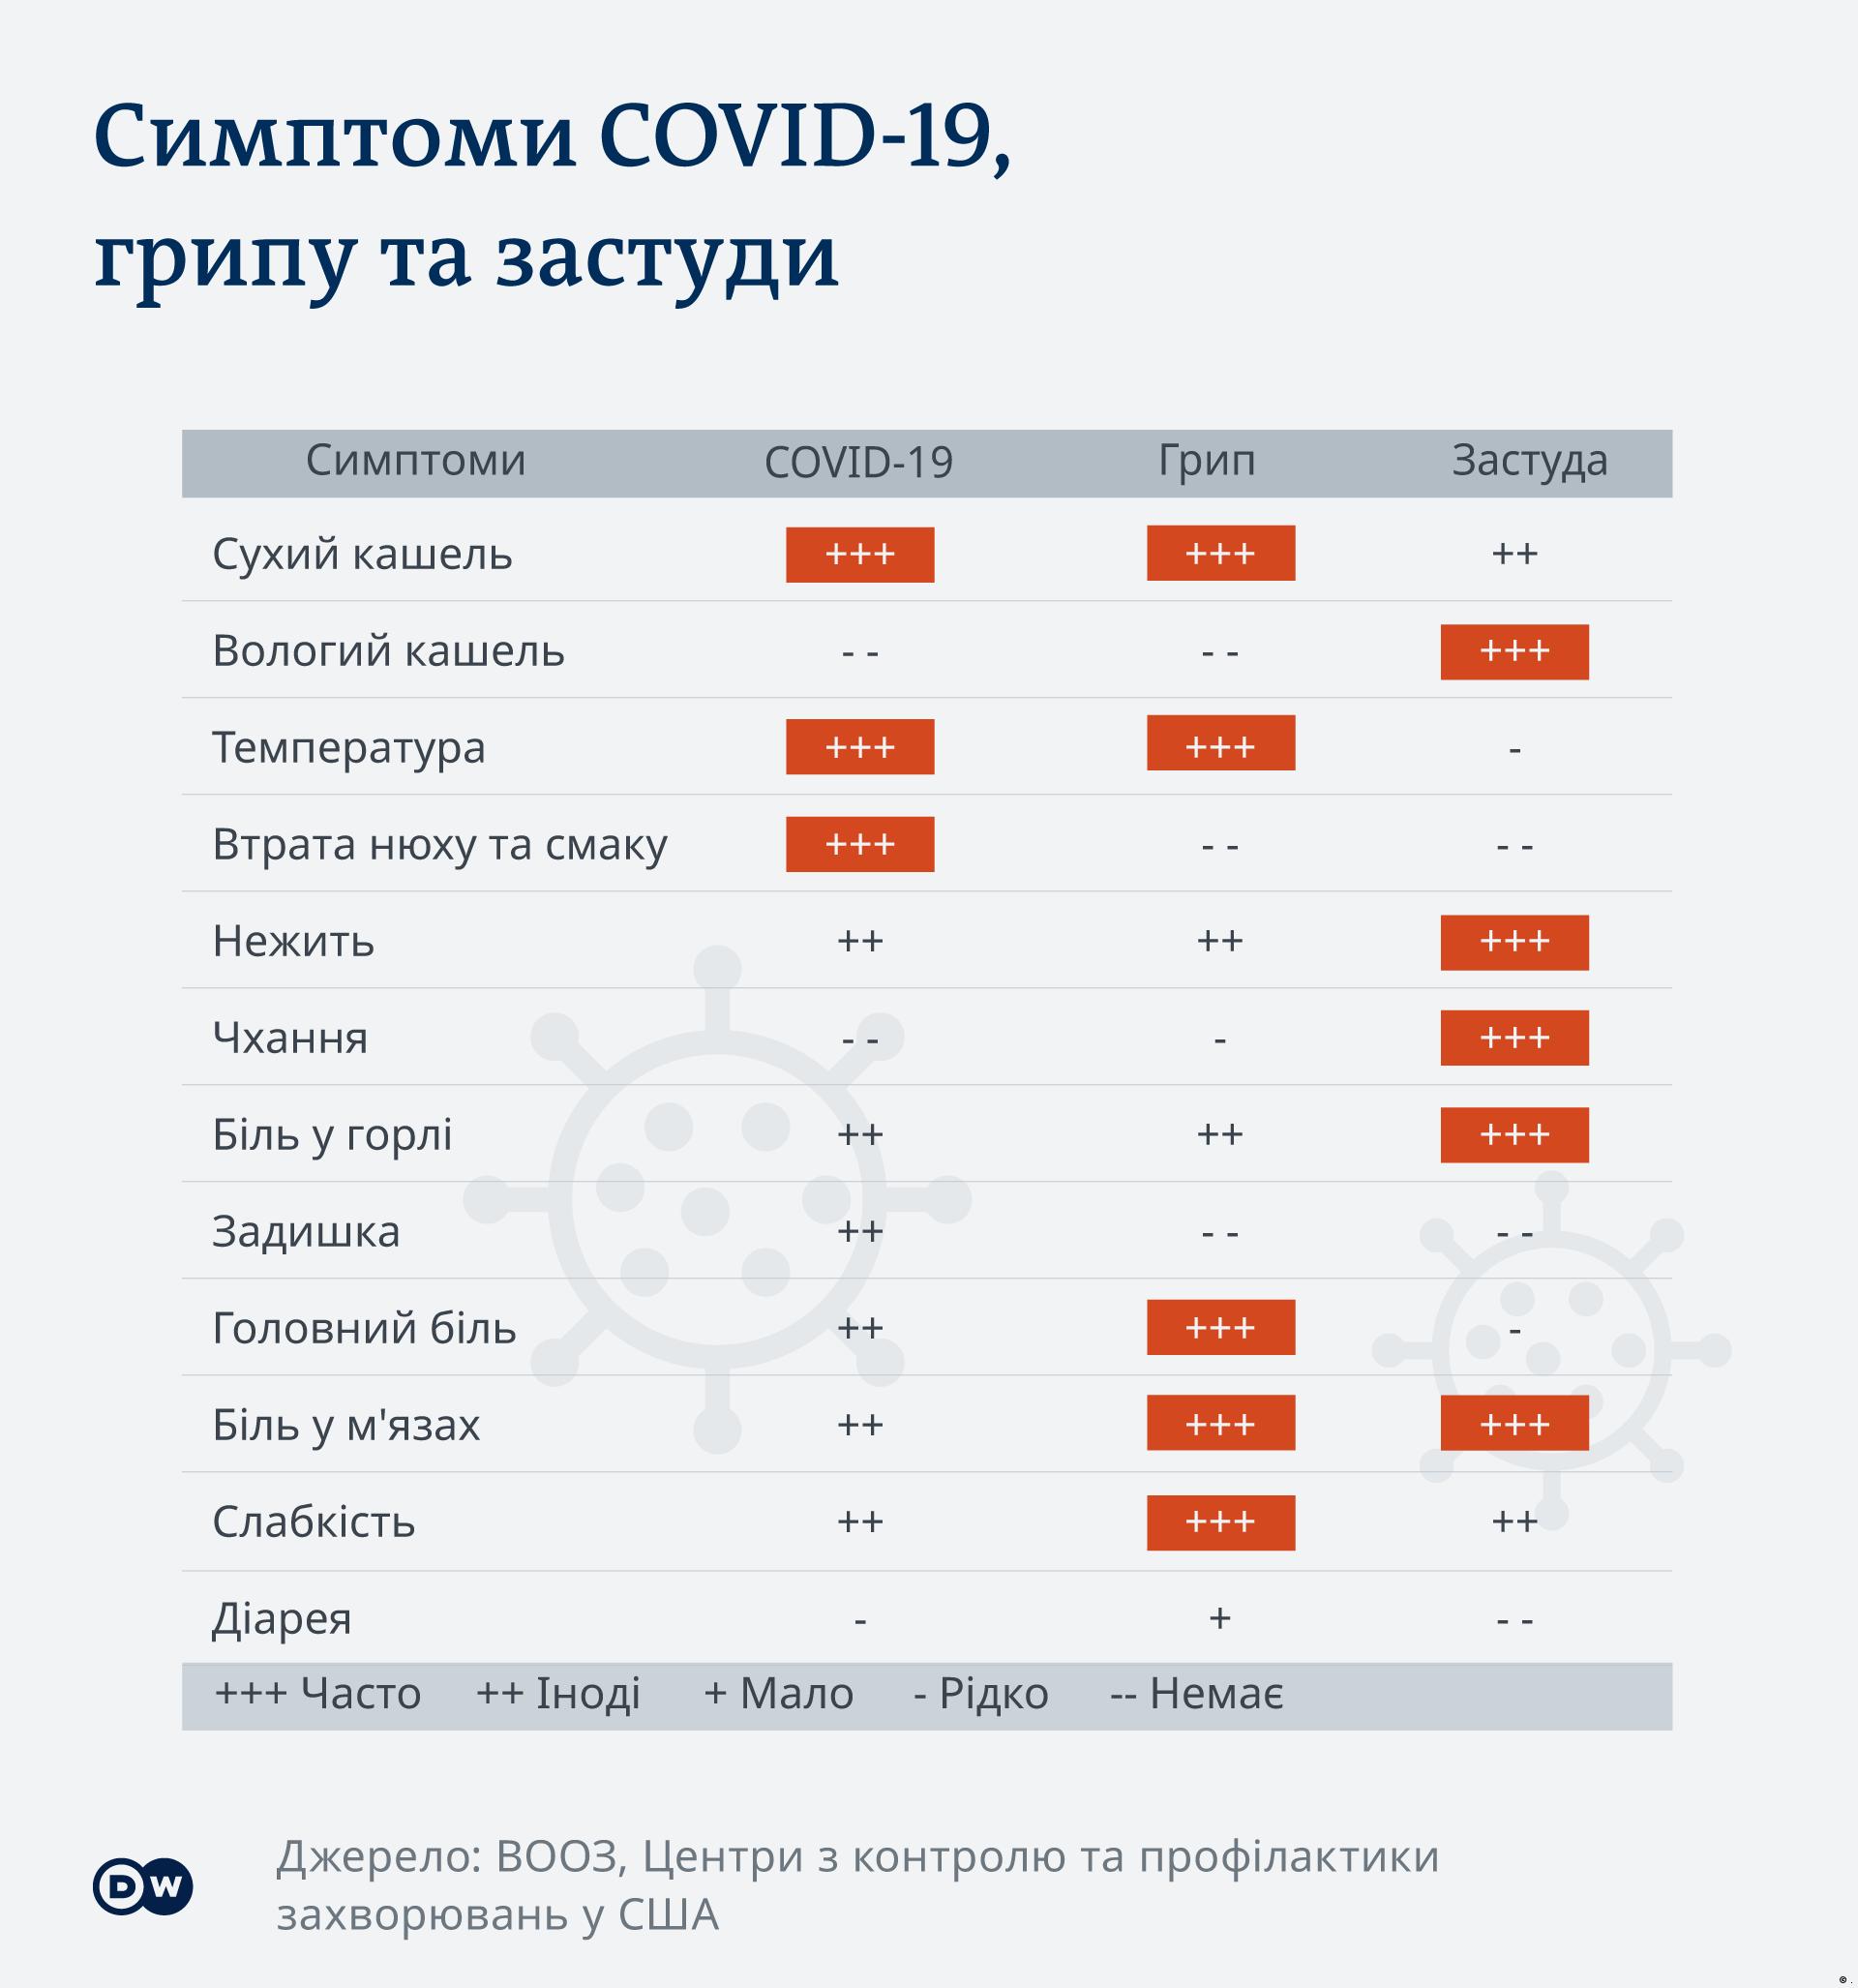 Типові симптоми грипу, застуди та COVID-19